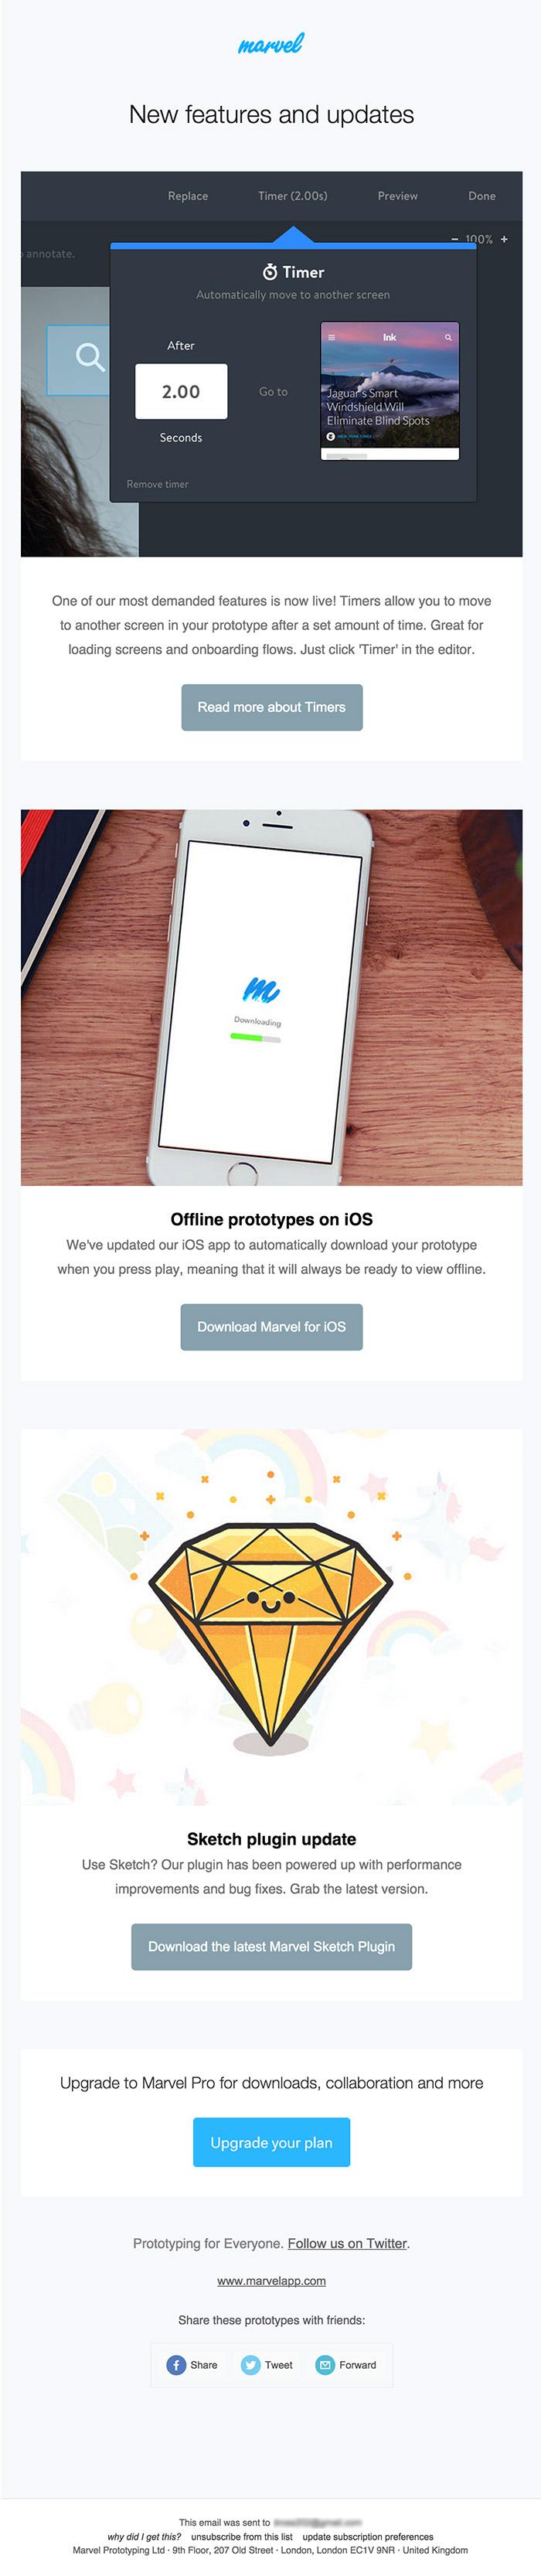 marvelapp-responsive-newsletter-email